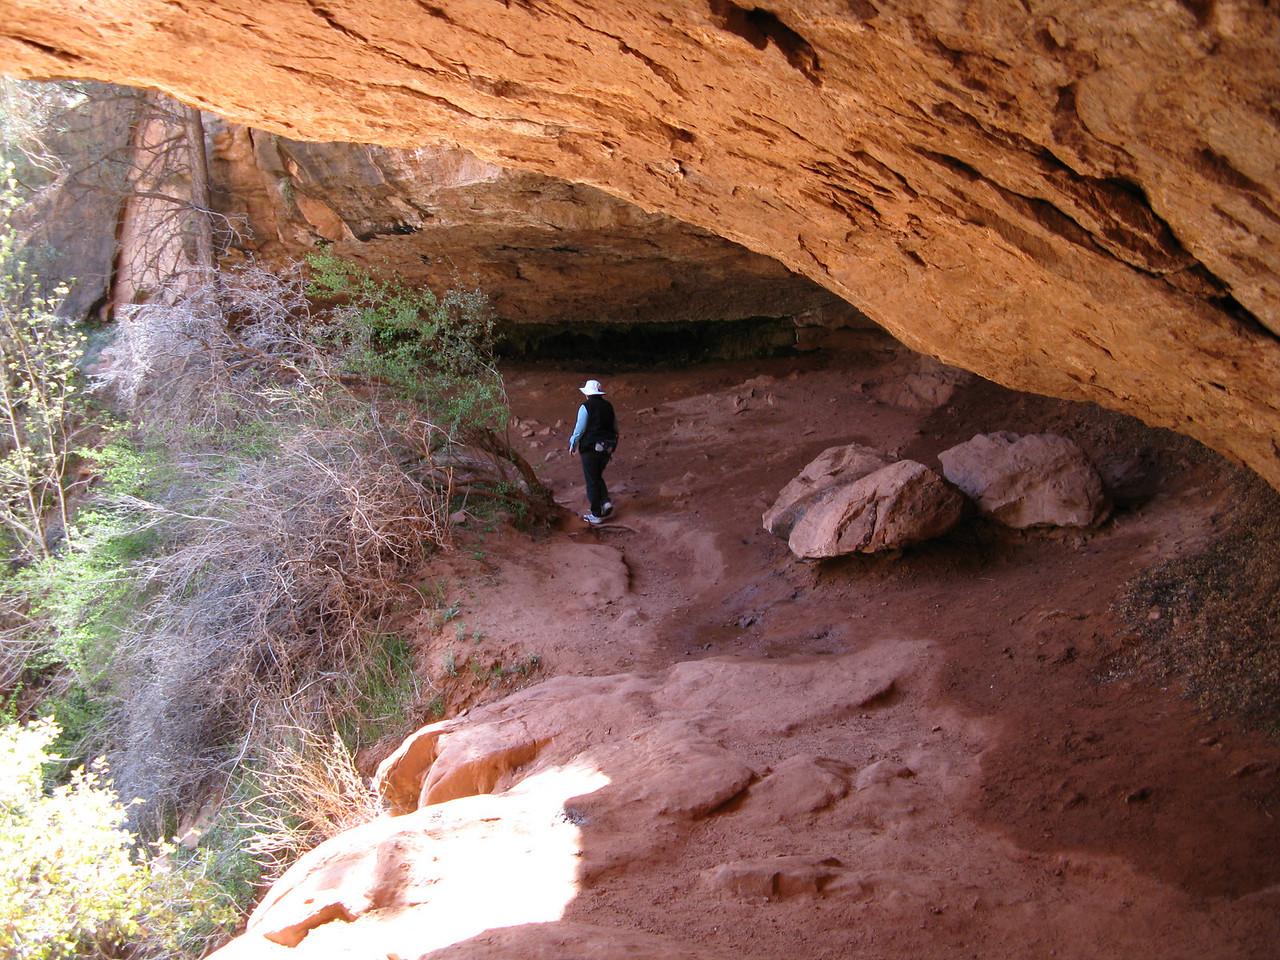 2011-04-21 Canyon Overlook 014